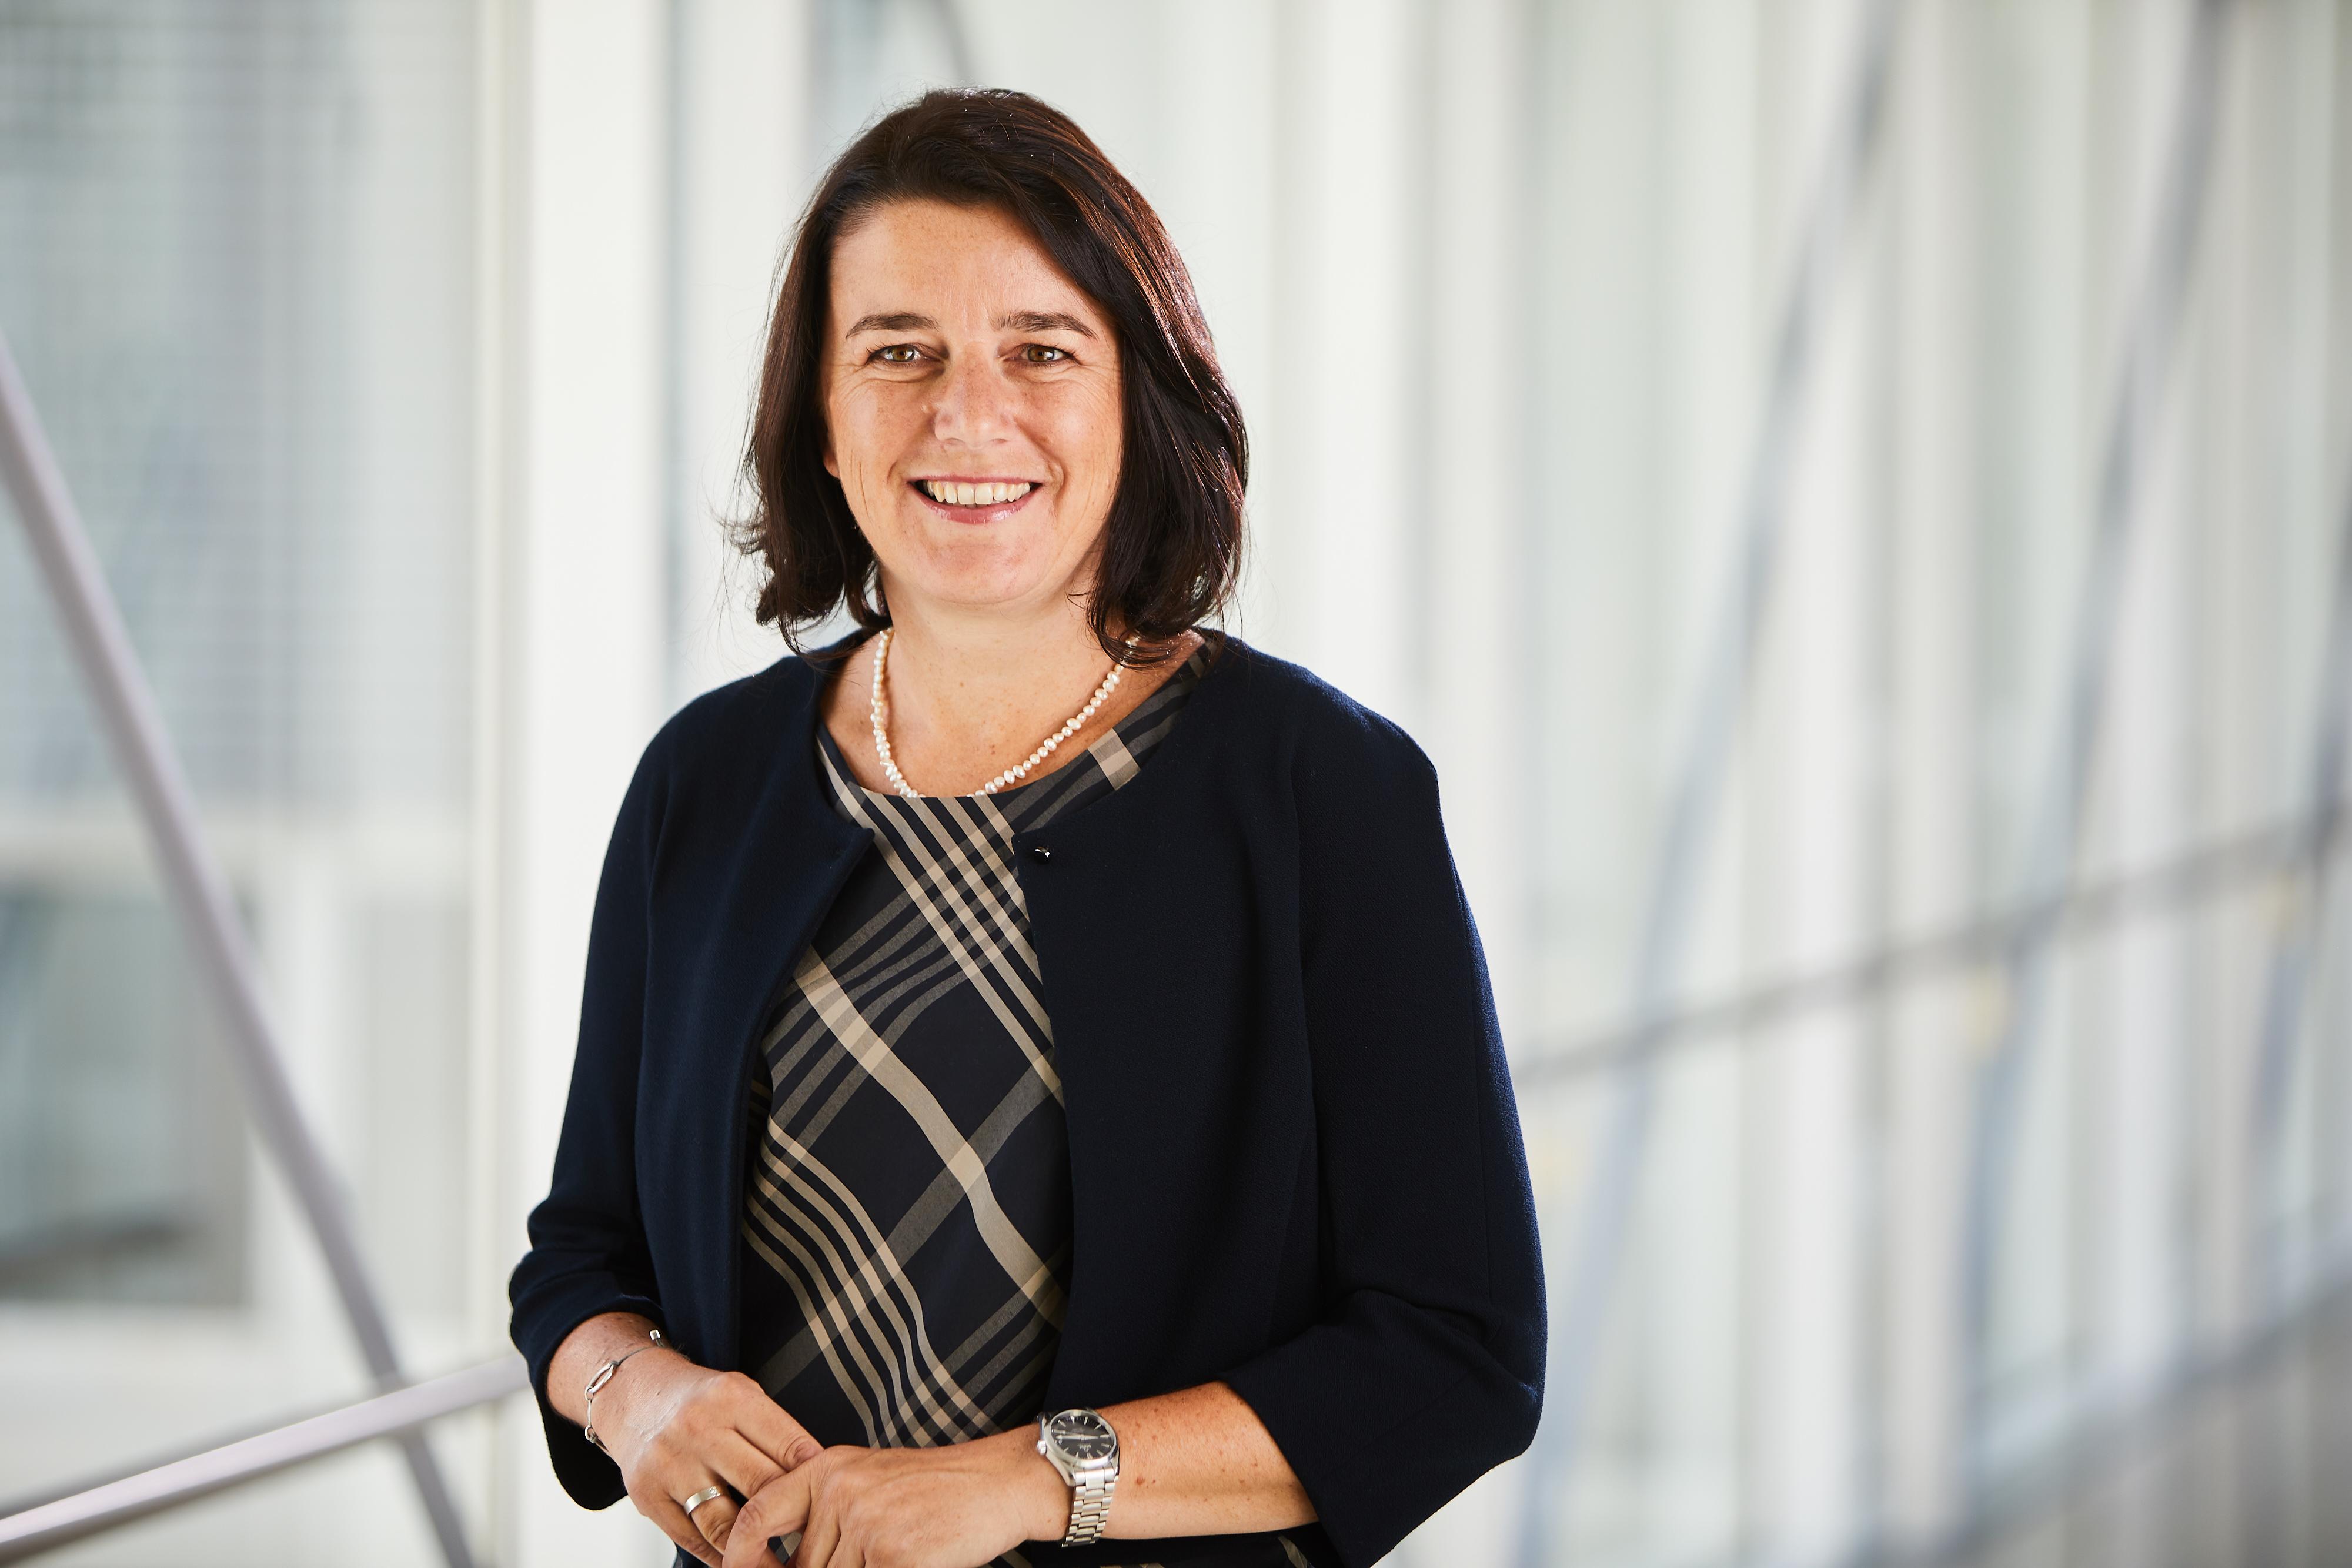 © Ordensklinikum Linz/Wiesler:  DGKP Elisabeth Märzinger, MScN, seit 1. Juli 2018 Pflegedirektorin im Ordensklinikum Linz Elisabethinen.